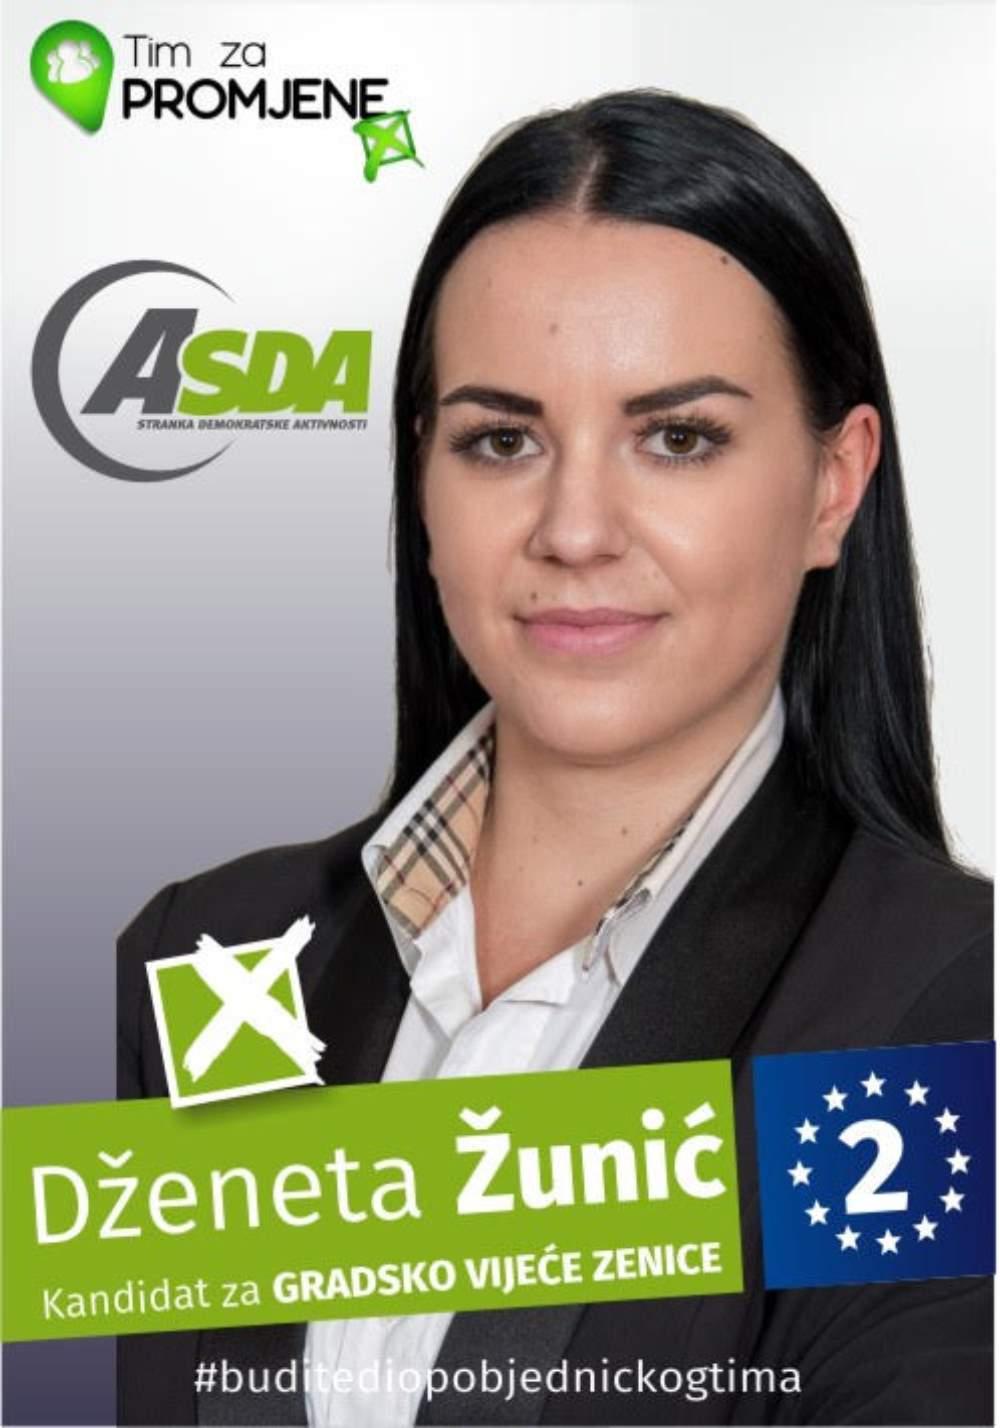 Dženeta Žunić